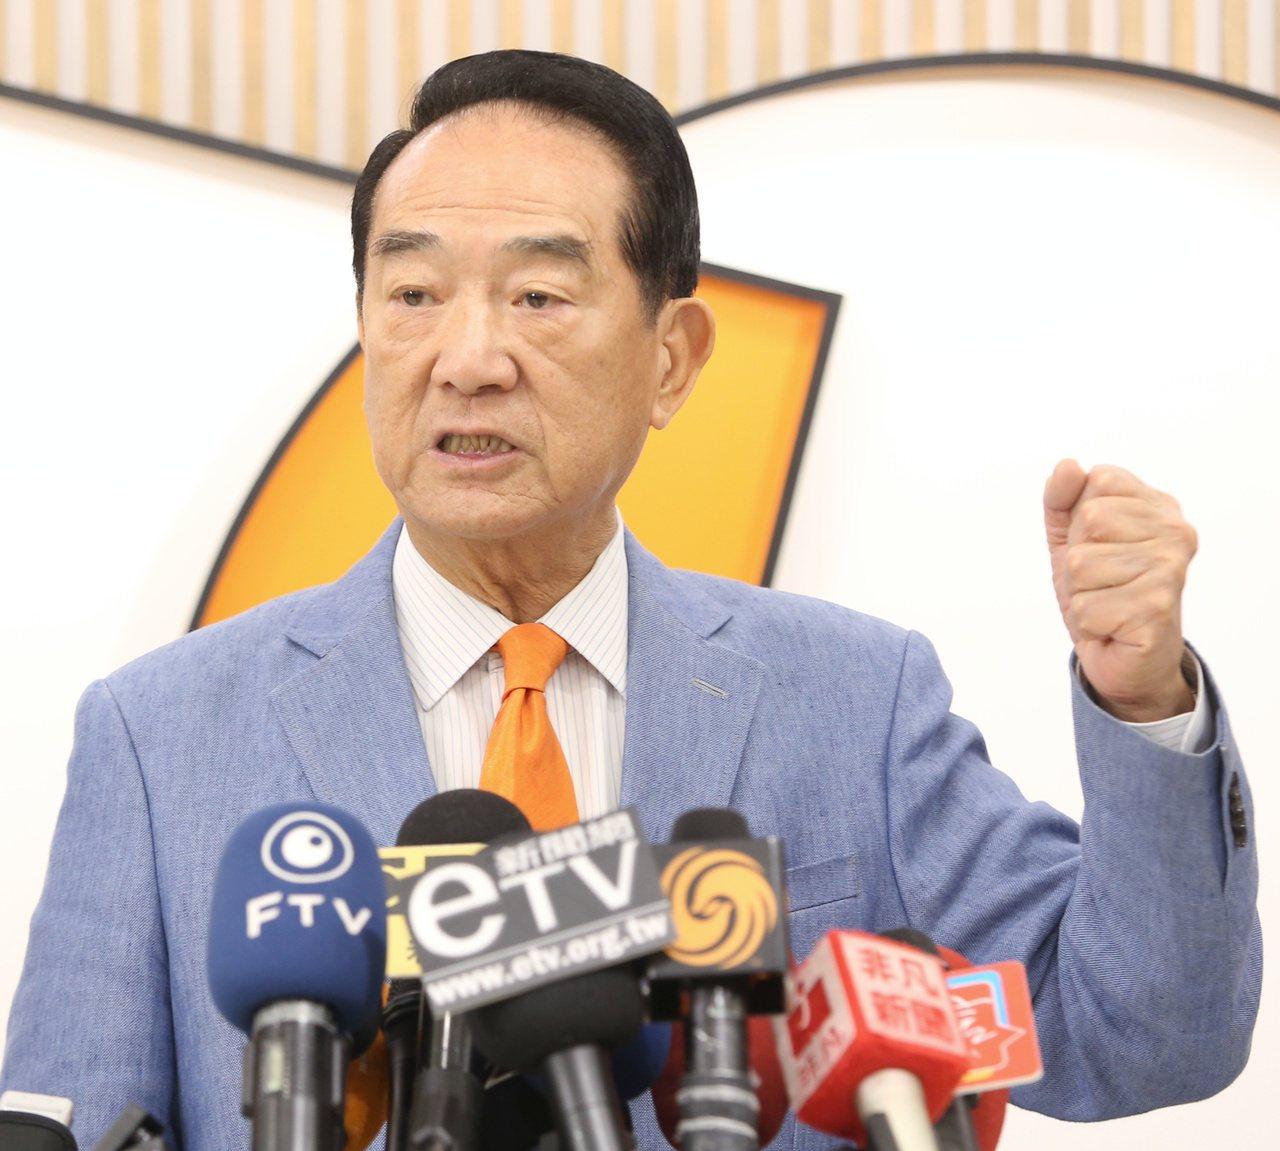 親民黨總統參選人宋楚瑜(左)。聯合報記者侯永全/攝影